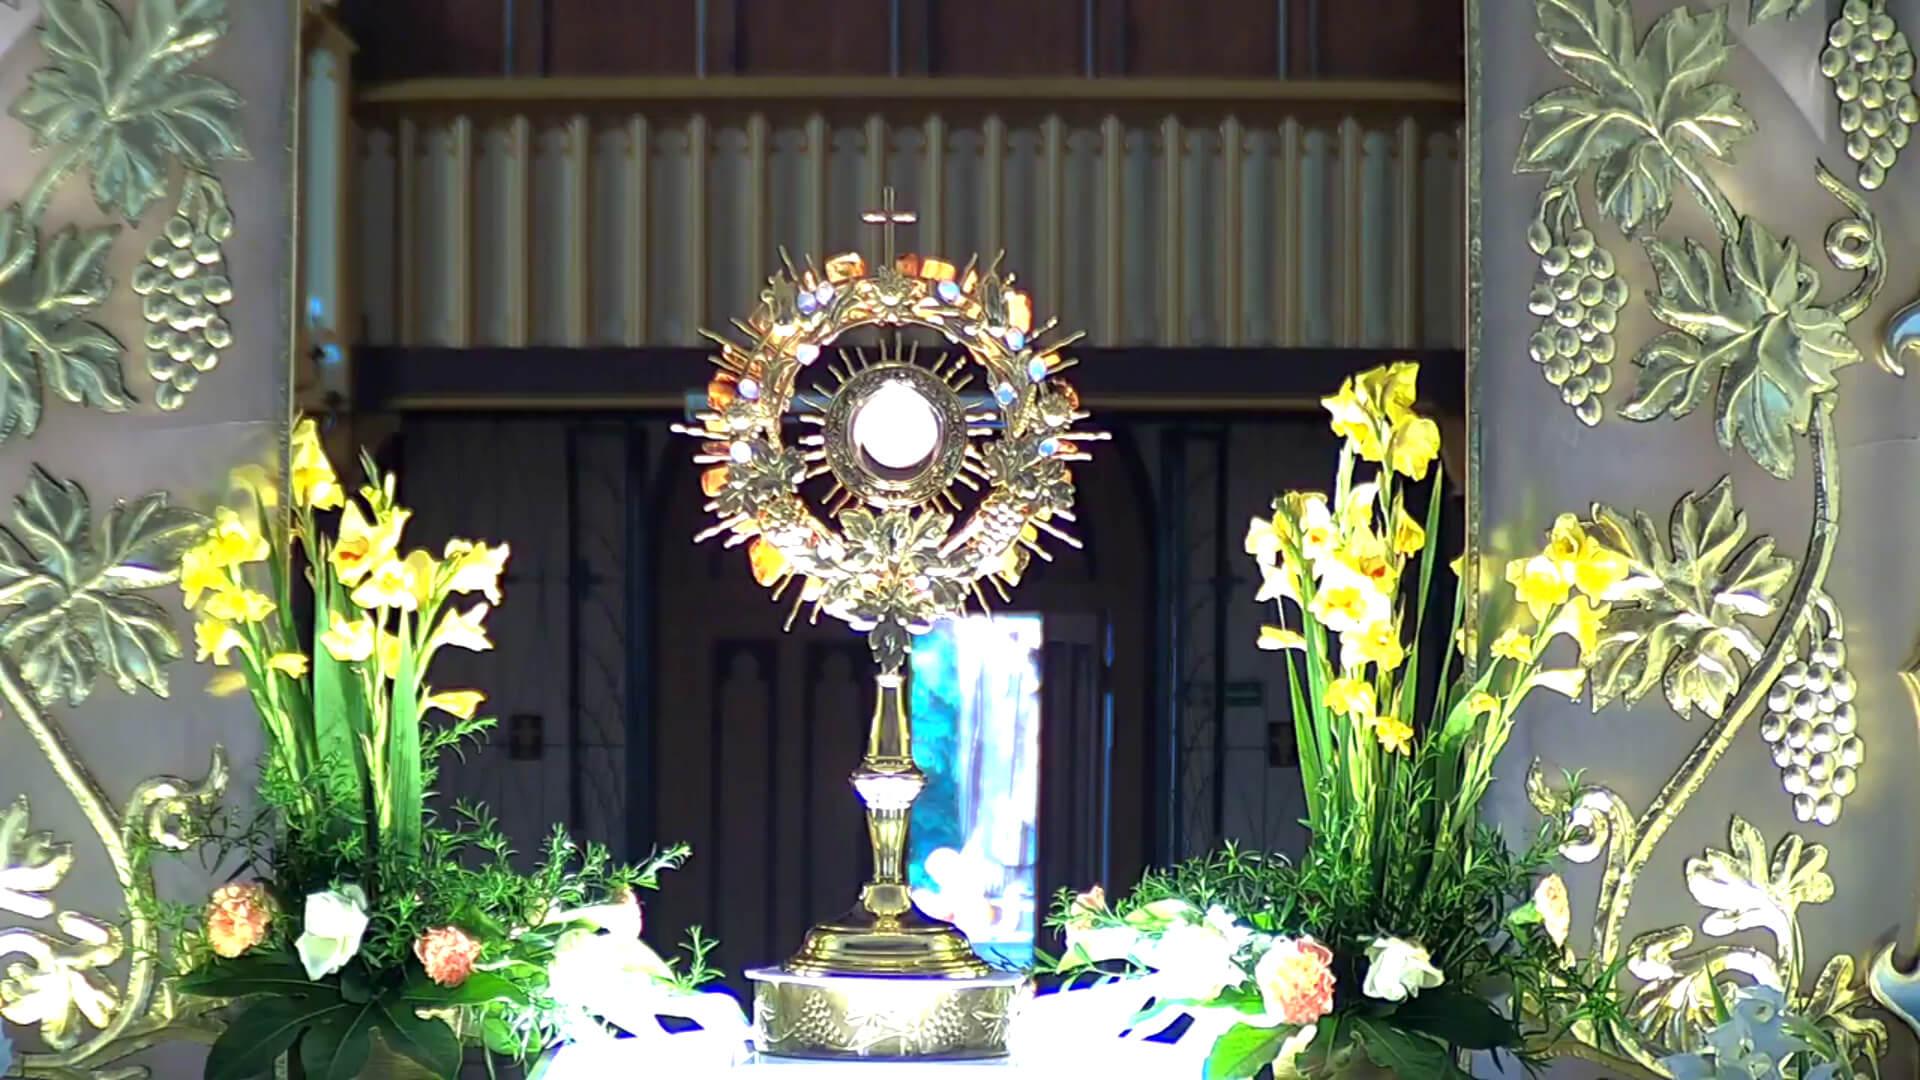 Bild einer Monstranz in der Jesus in der Brotsgestalt zugegen ist.